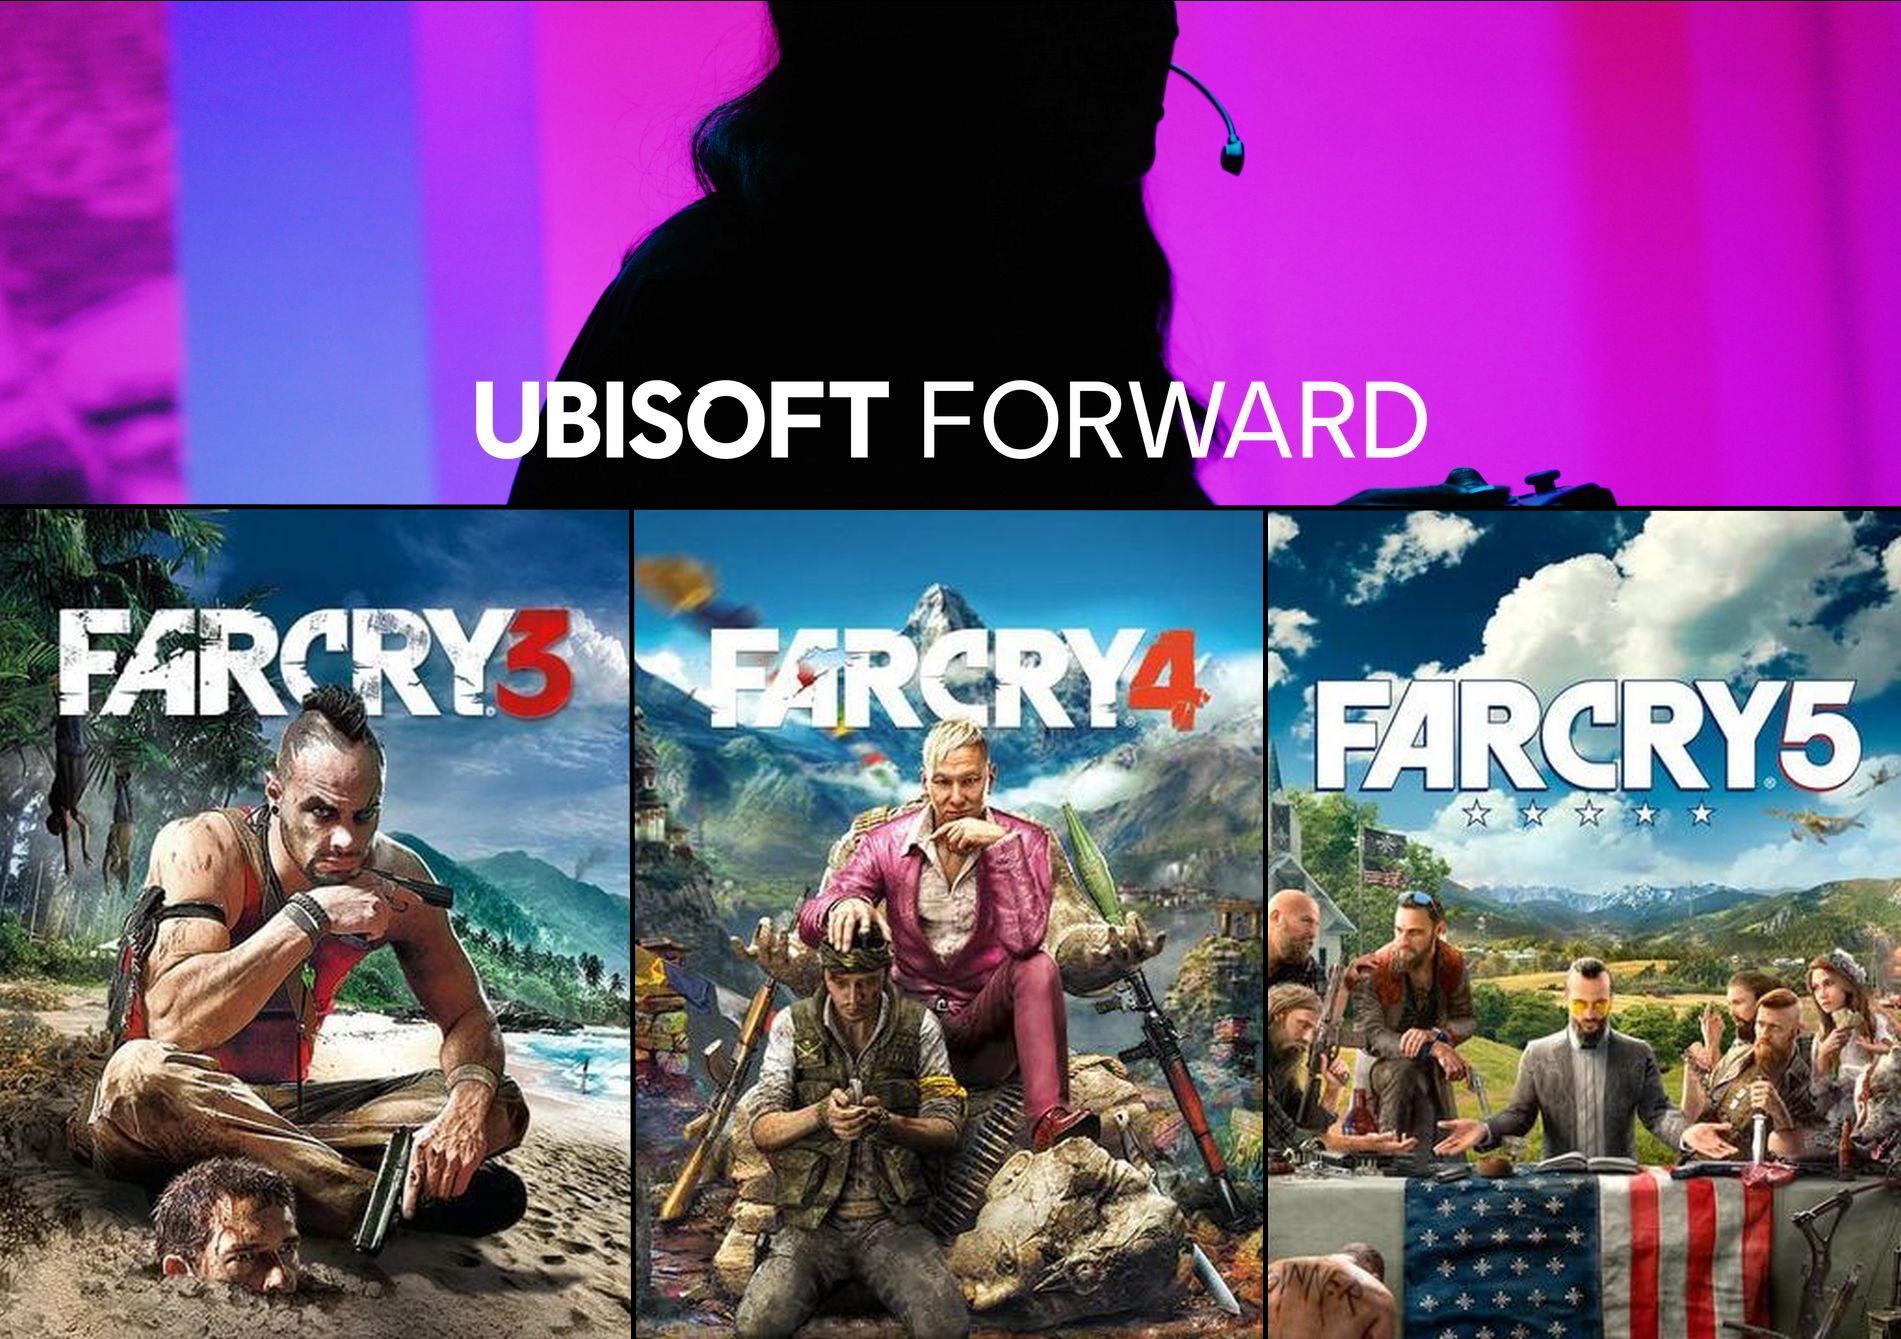 Ubisoft Forward Sale mit 10€ Rabatt ab 15€: z.B. Far Cry 3 + 4 + 5 für 8€ | Immortals Fenyx Rising für 20€ [PC Uplay]